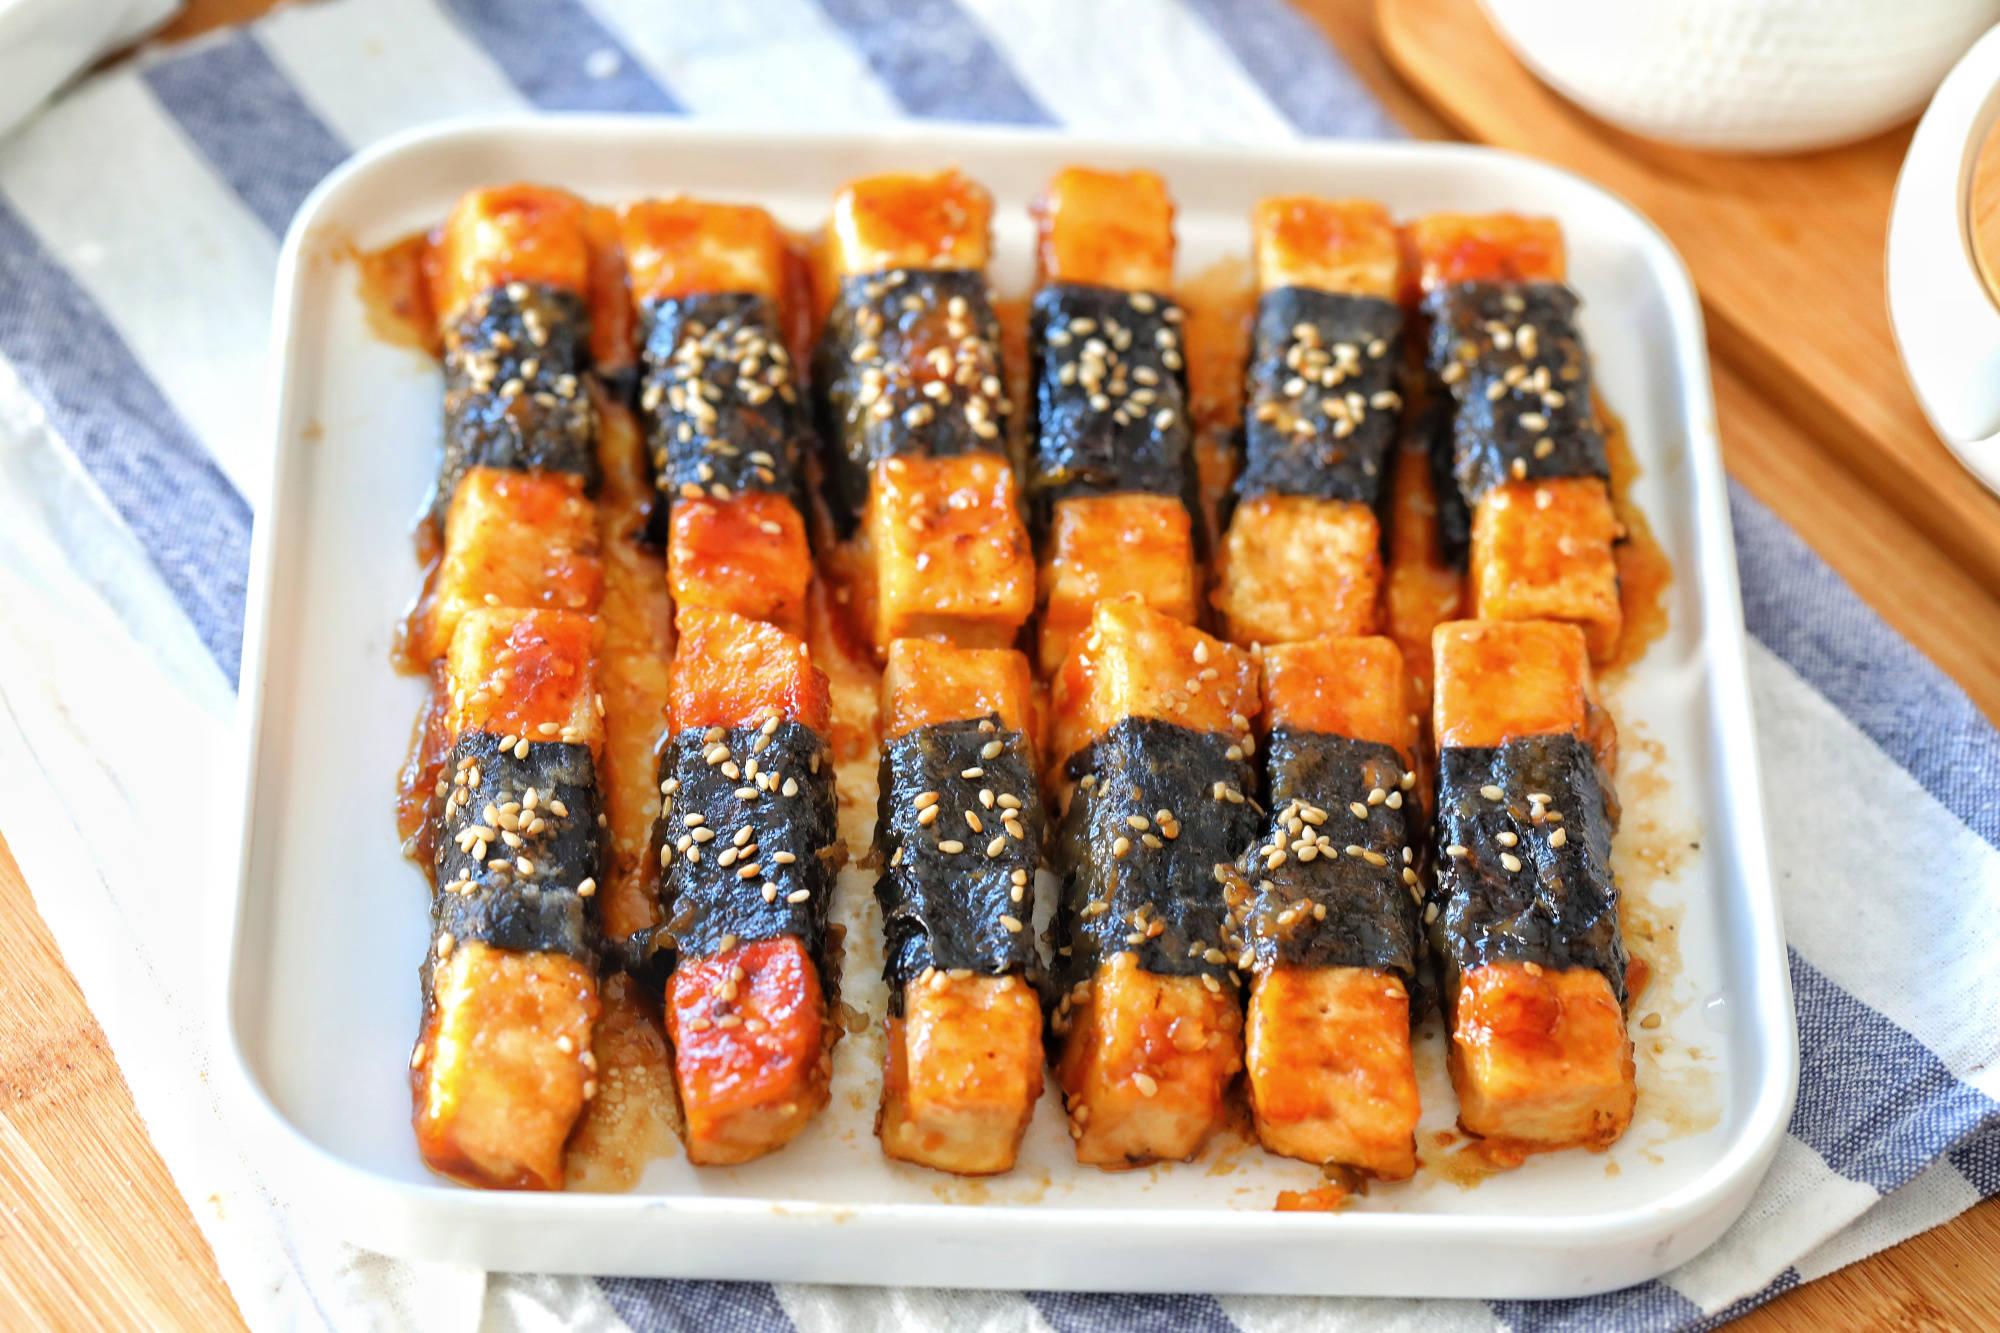 豆腐新吃法,比麻婆豆腐好吃多了赢咖4娱乐注册,软糯鲜香,好吃入味,味道超赞